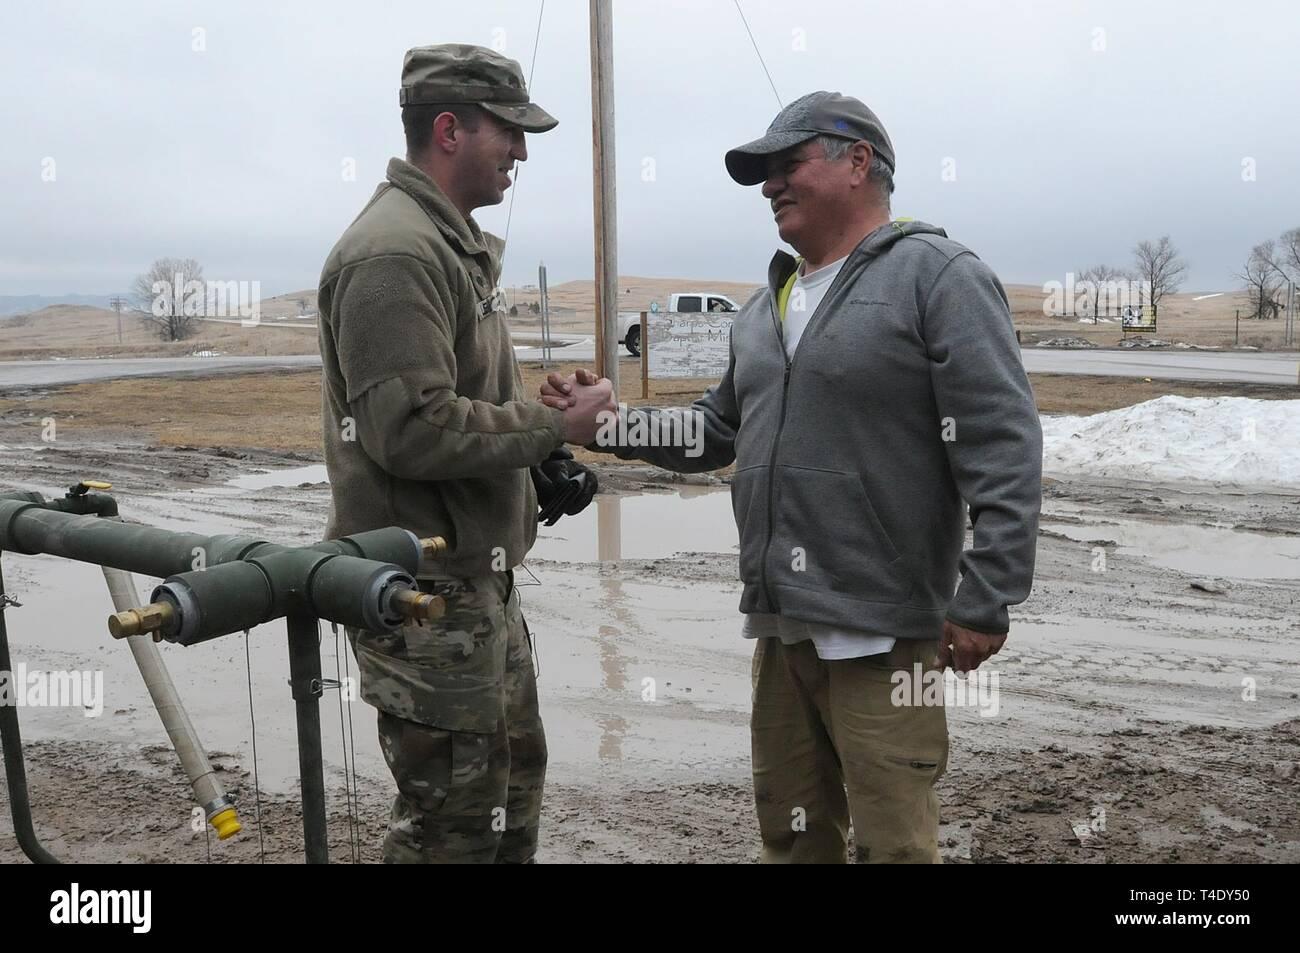 Lester ferro Cloud grazie U.S. Army Spc. Tracy Lennick, con la società A, 139a supporto dei vigili del Battaglione, South Dakota Esercito Nazionale Guardia, dopo la ricezione di acqua potabile a stacciature angolo, S.D, sul Pine Ridge Reservation, Marzo 25, 2019. Tredici SDARNG soldati sono stati attivati per dovere di stato in Pine Ridge dopo una contea galleggiamento non riuscita a causa di inondazioni estreme lasciando i residenti in sette europee senza acqua nelle loro case. Foto Stock